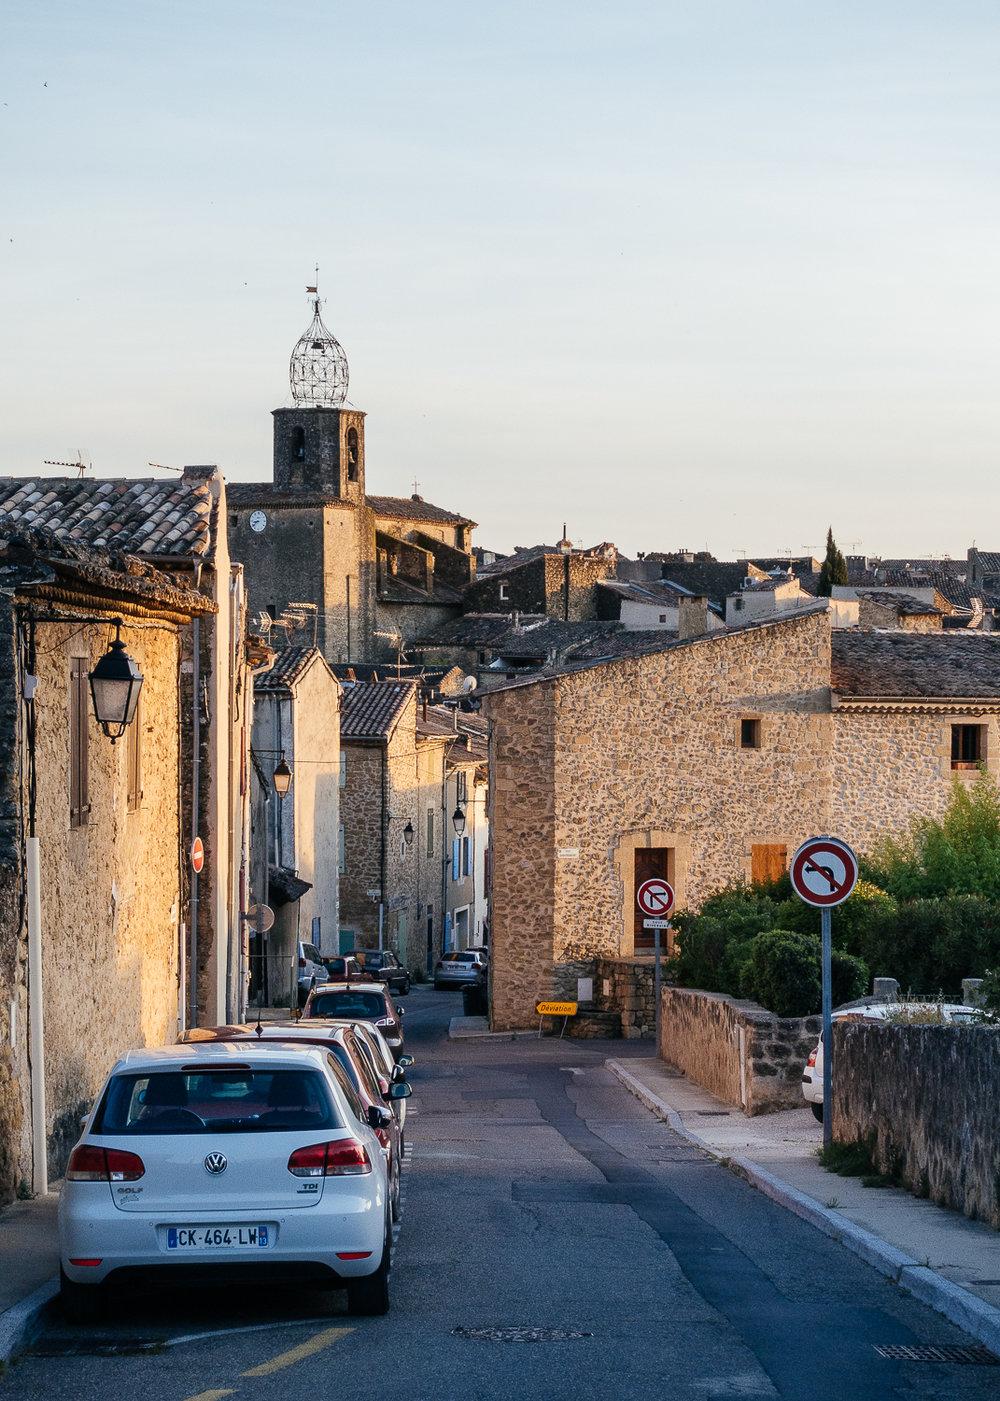 Louris, France.